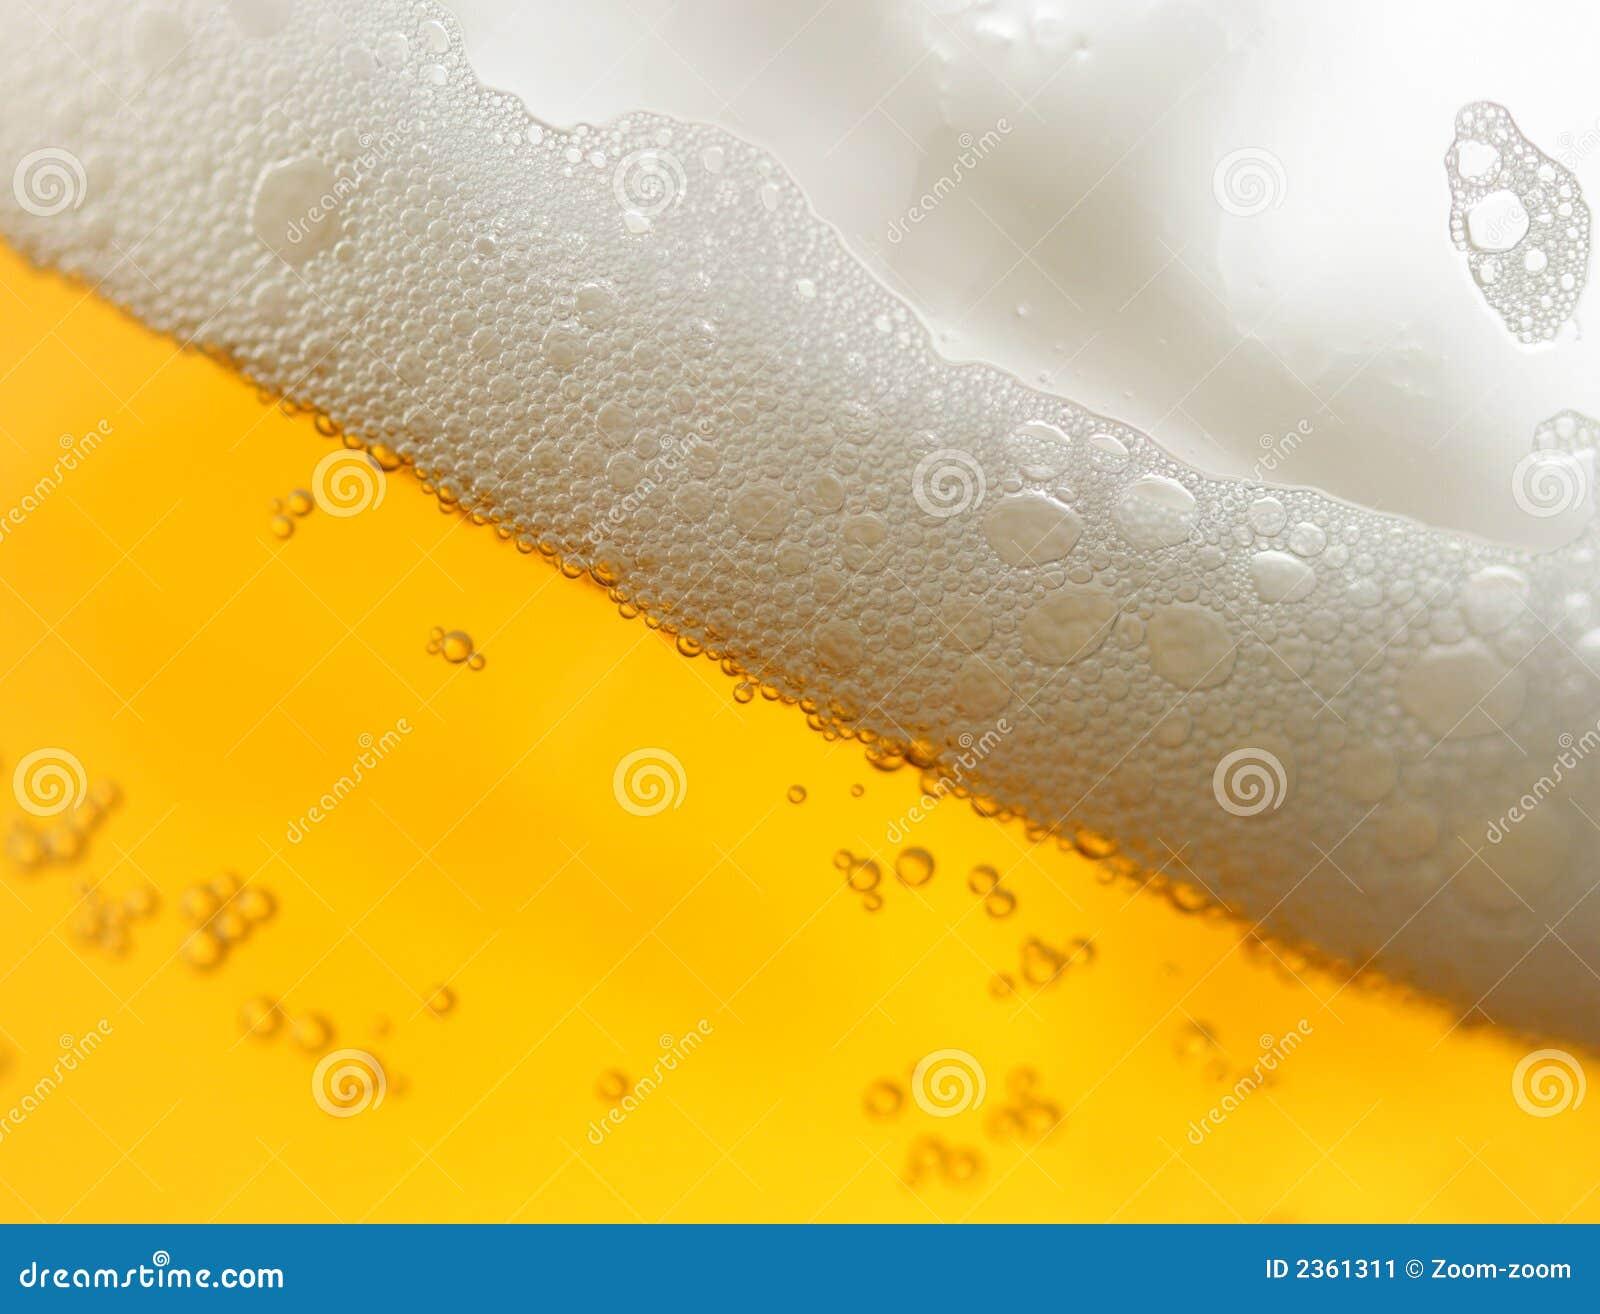 Bière avec la mousse